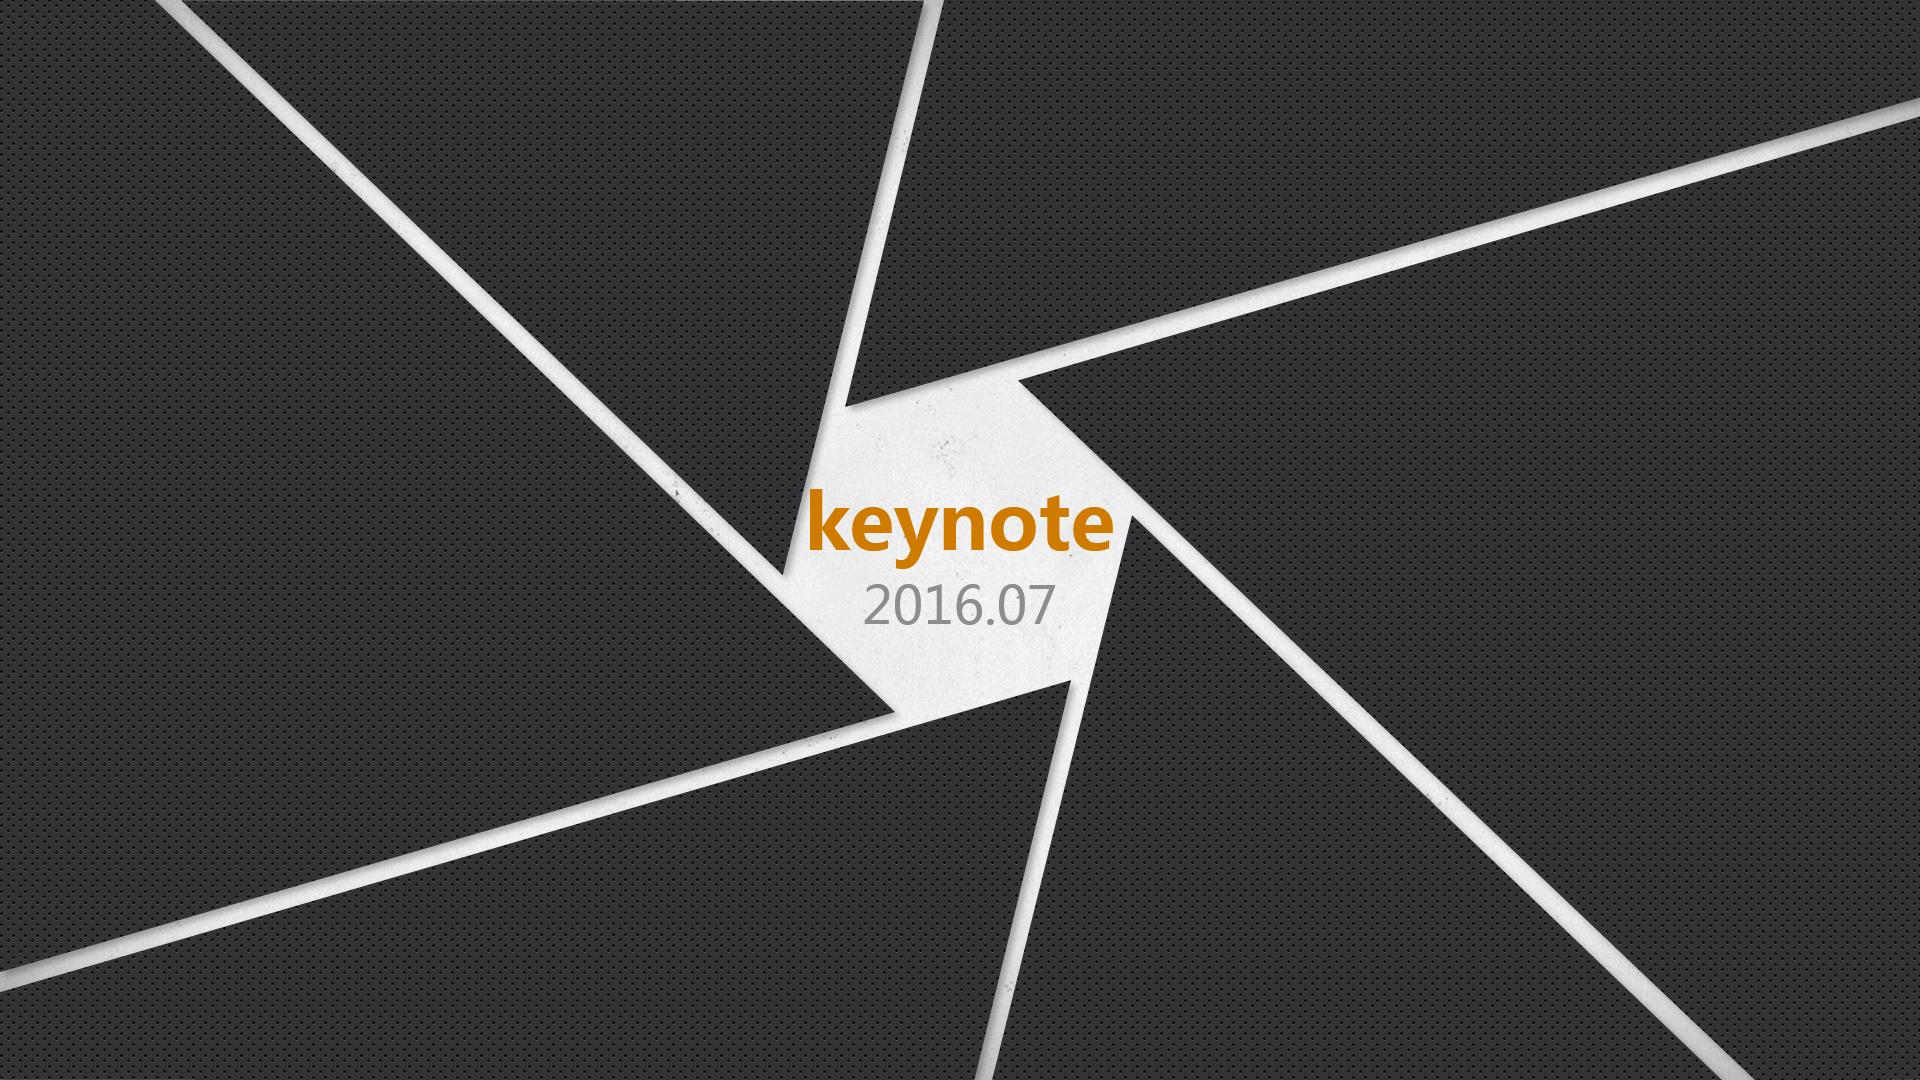 右侧导航栏式商业宣讲mac keynote模板